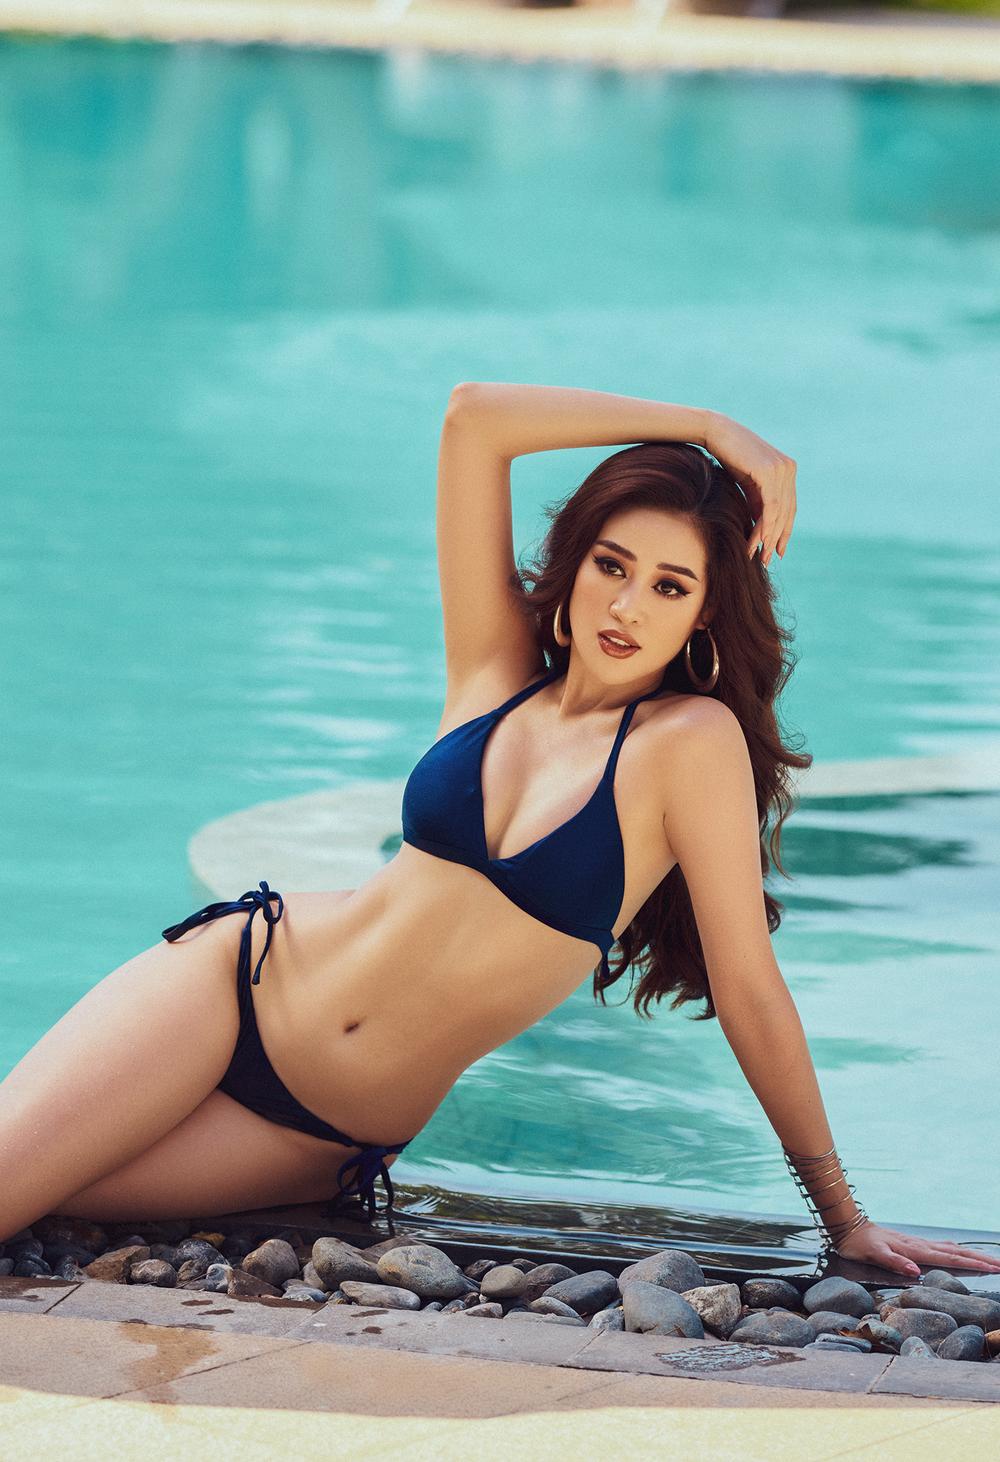 Hoa hậu Khánh Vân tung loạt ảnh bikini nóng bỏng - Ảnh 4.